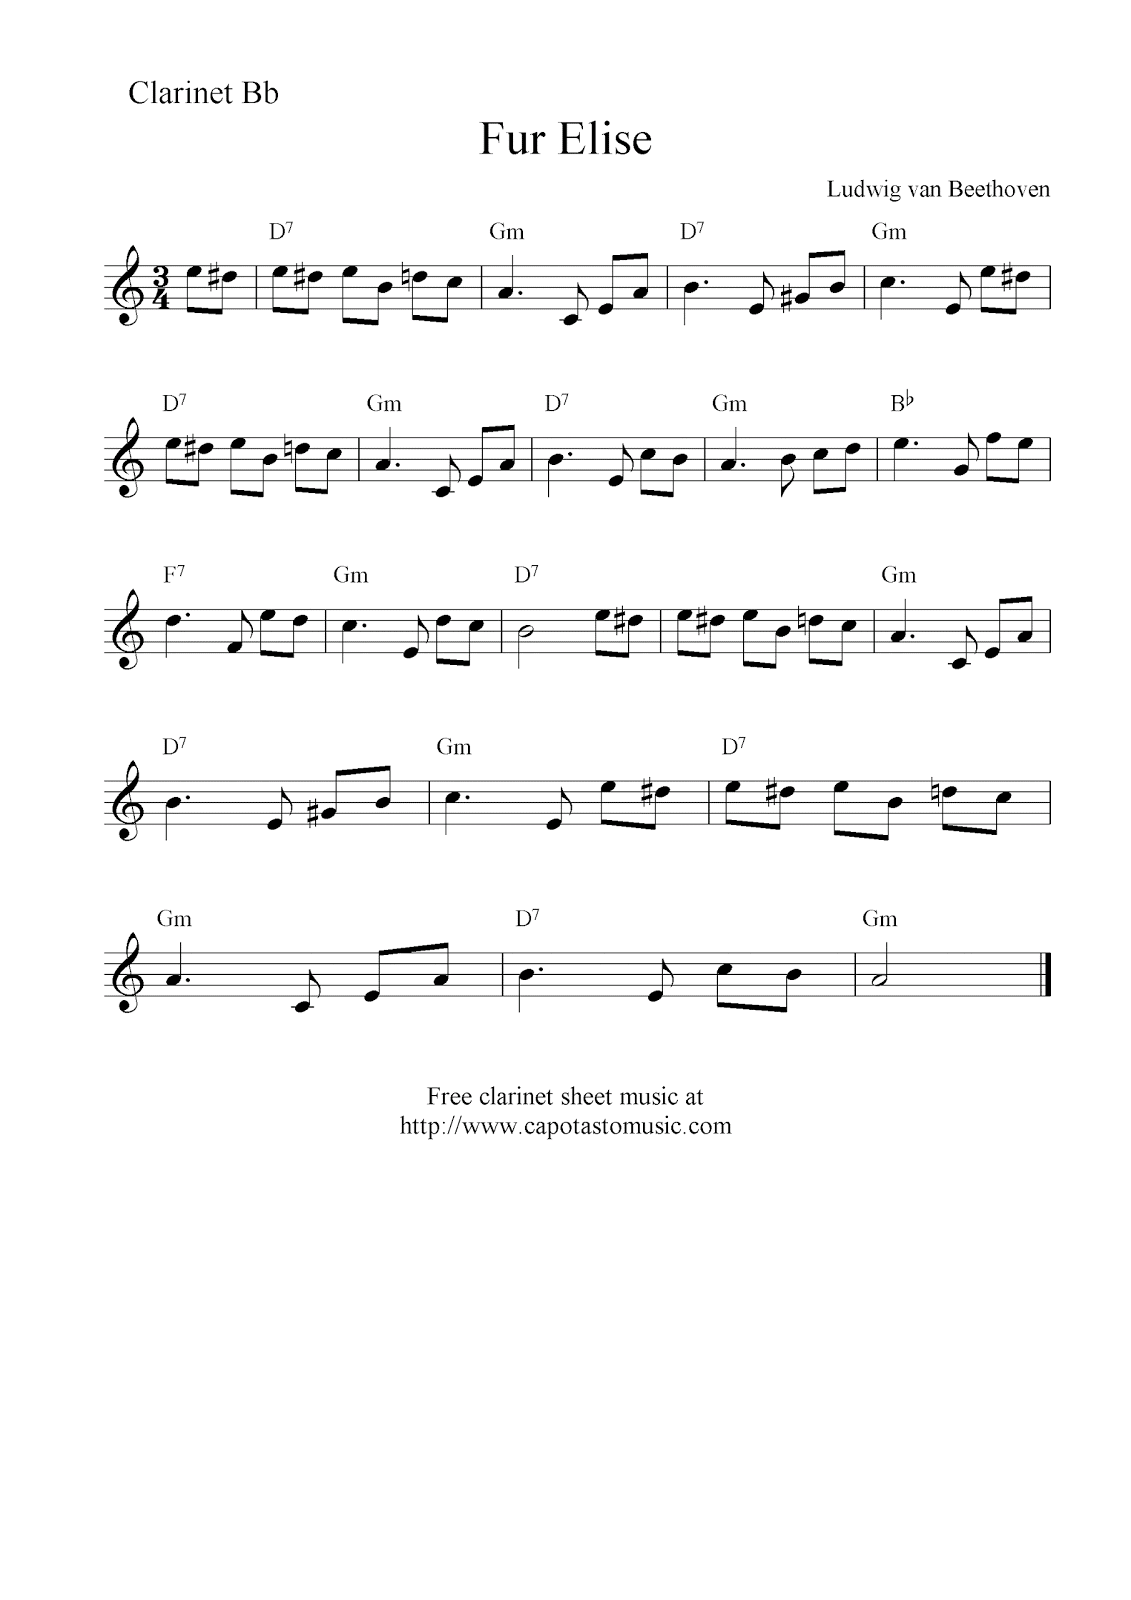 Fur elise free clarinet sheet music notes